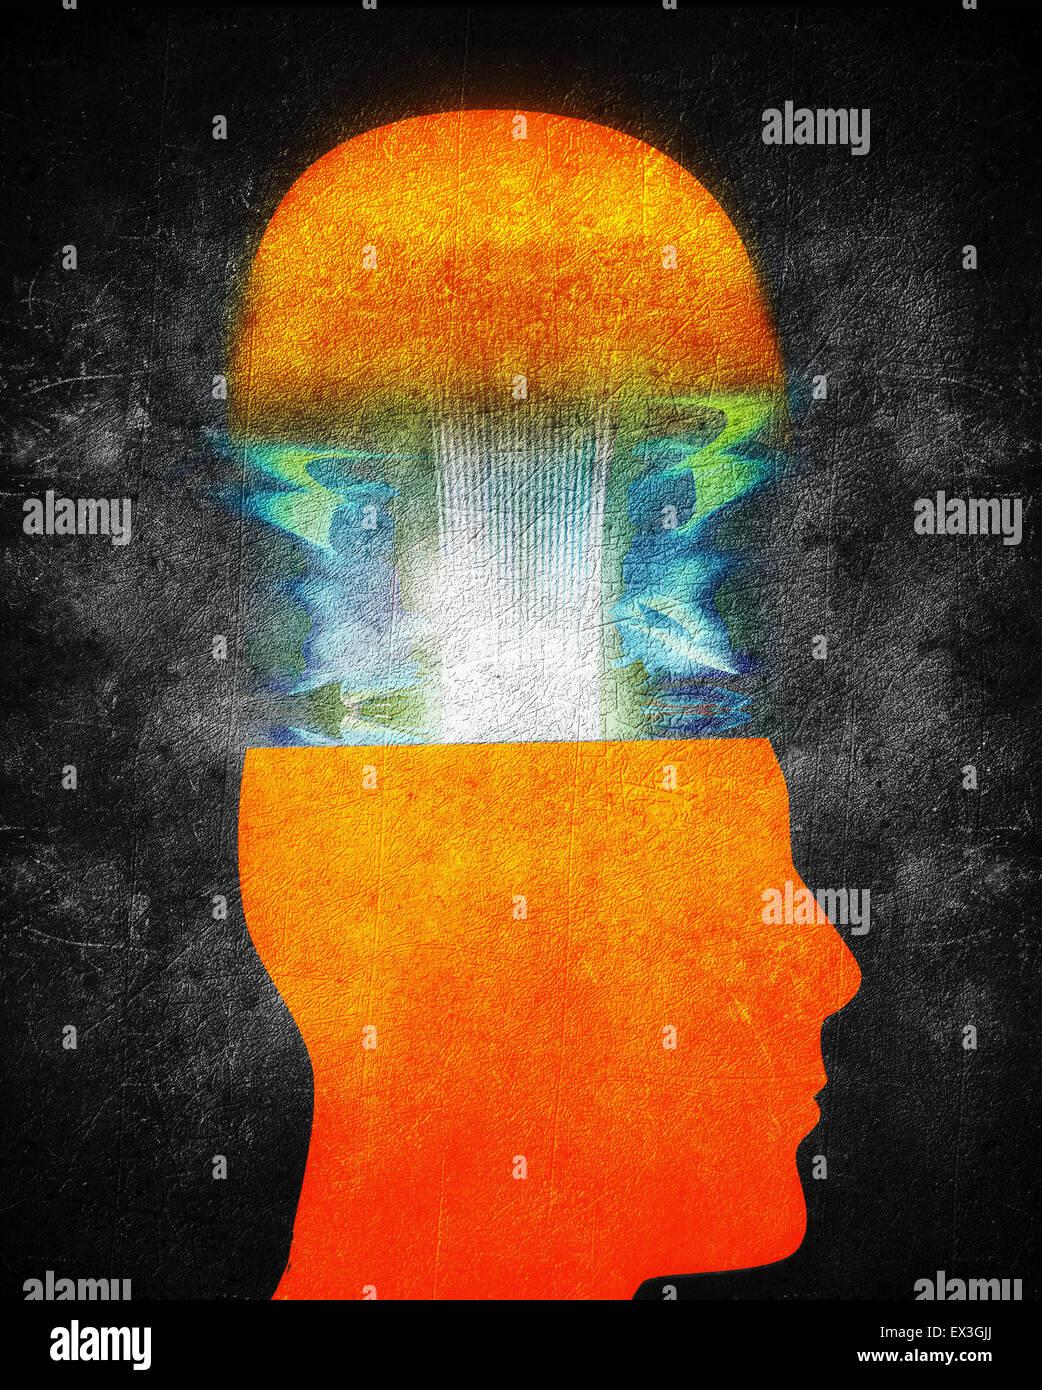 La créativité concept illustration avec orange tête humaine Photo Stock